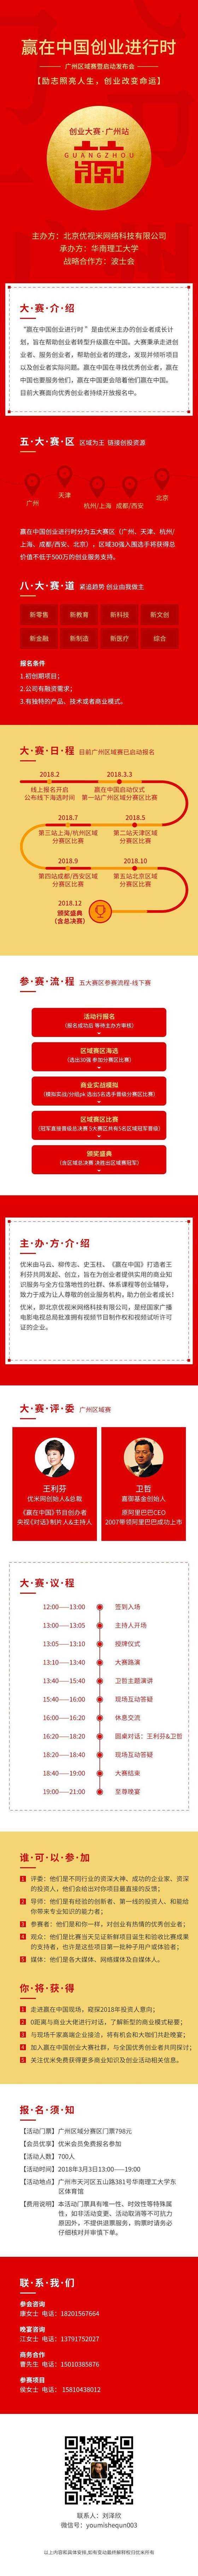 创业大赛广州活动行H50212.jpg